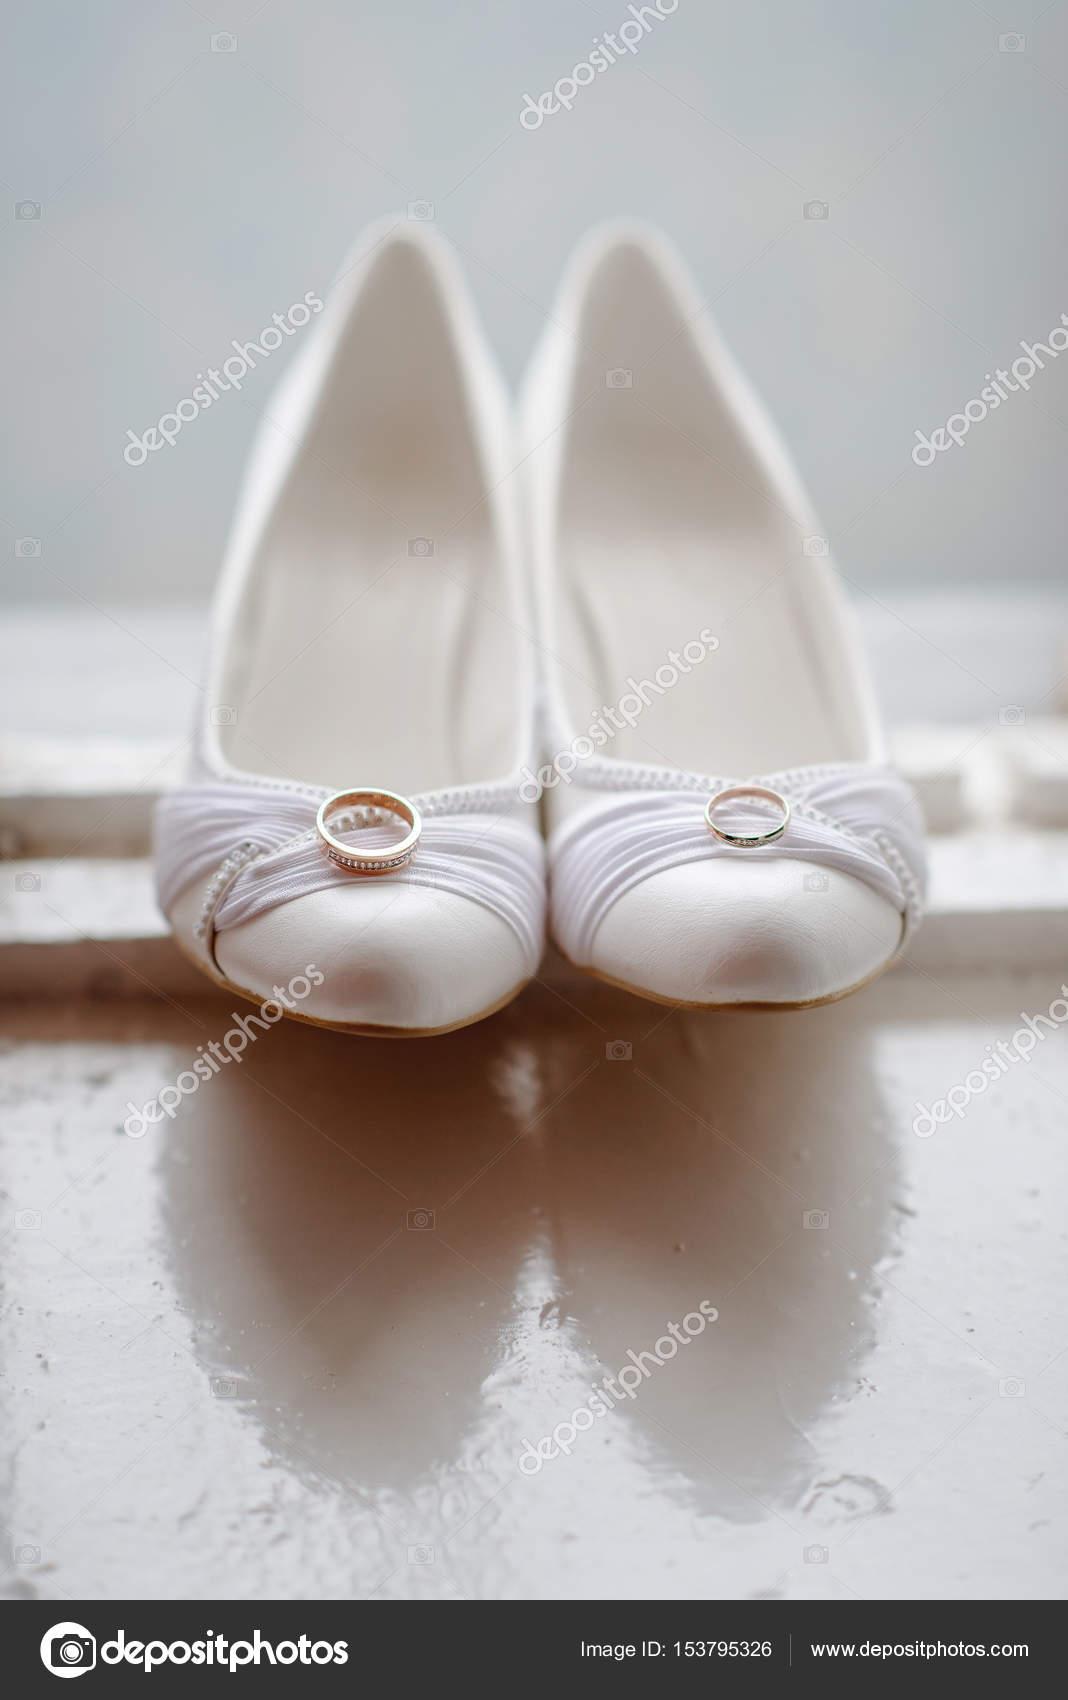 Moderne Hochzeitsschuhe Stockfoto C Shmelevanatalie 153795326